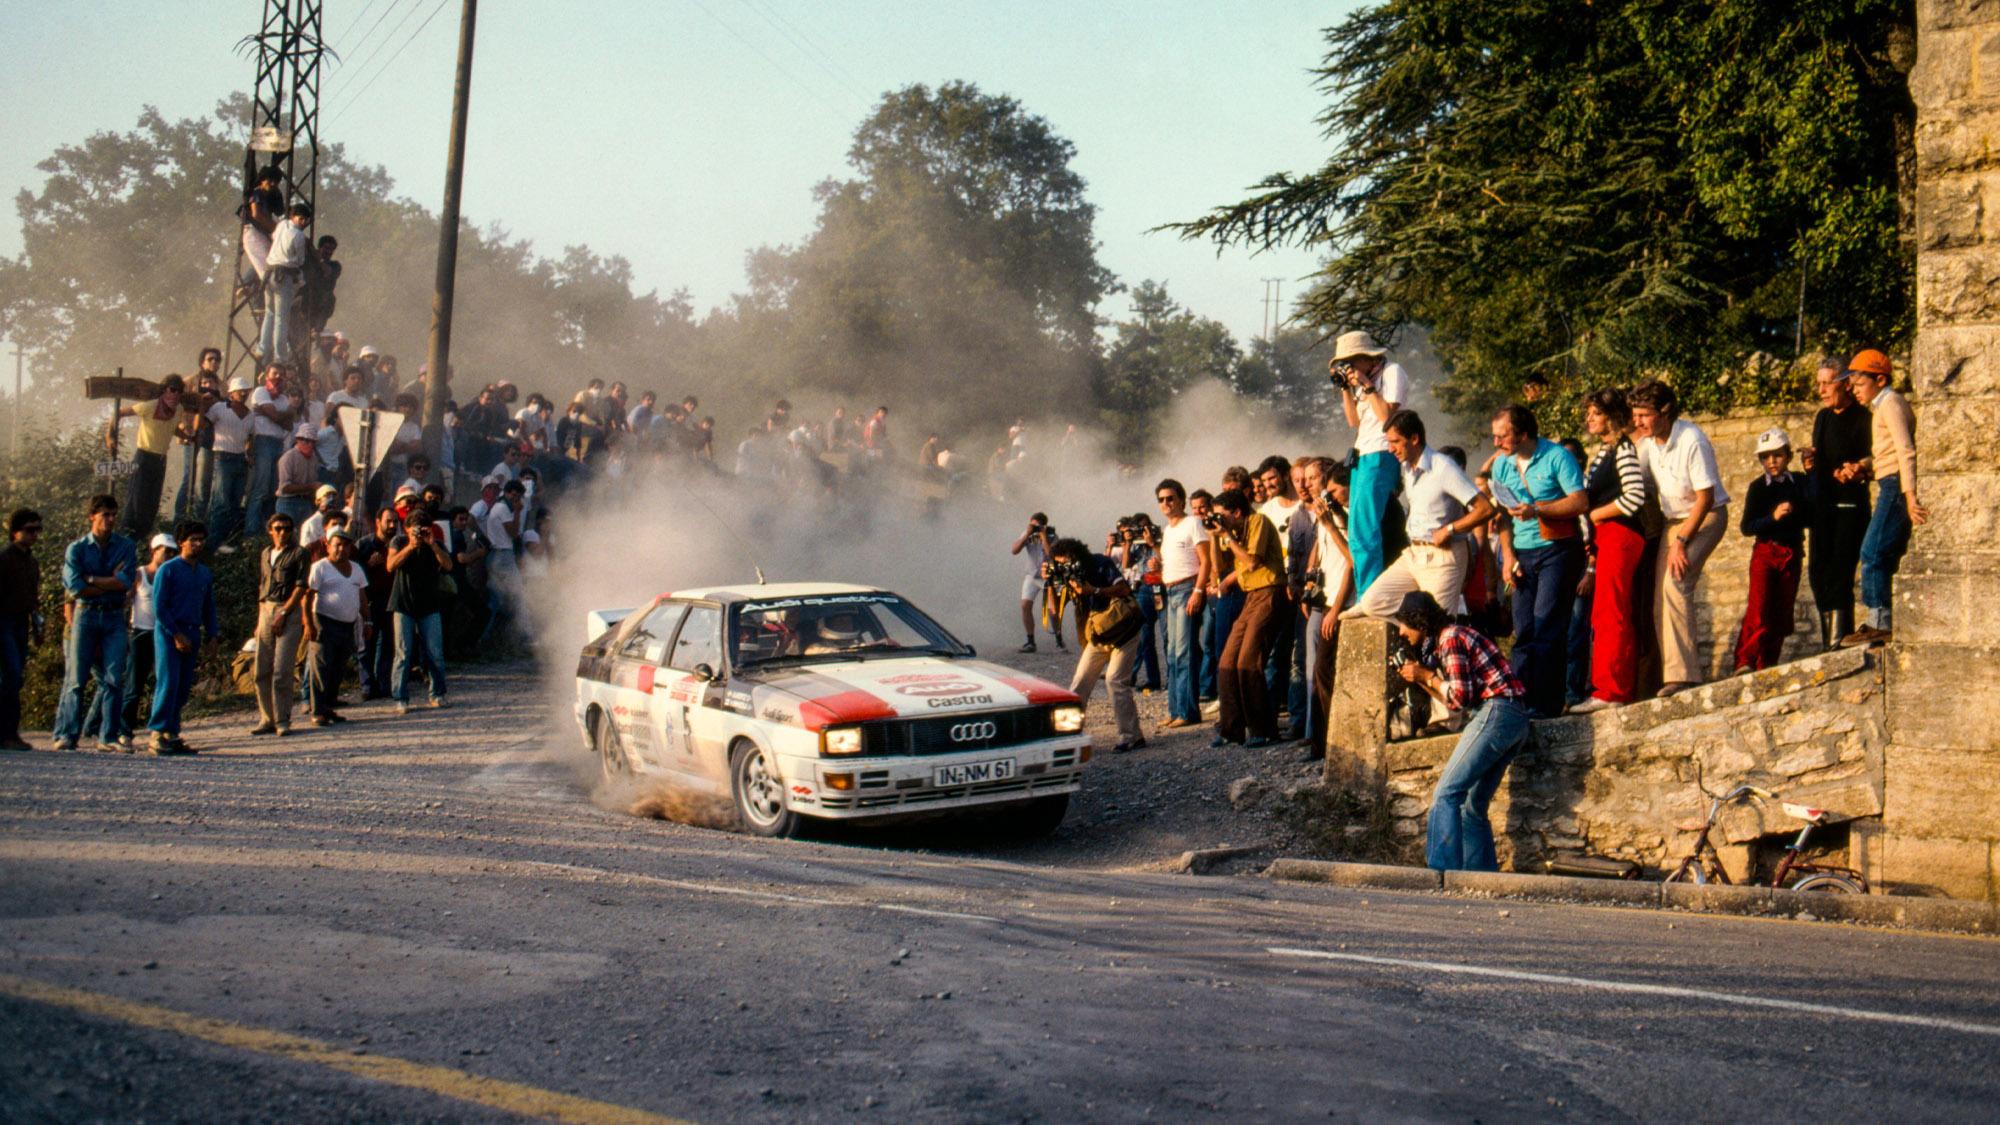 Hannu Mikkola on the 1981 San Remo Rally